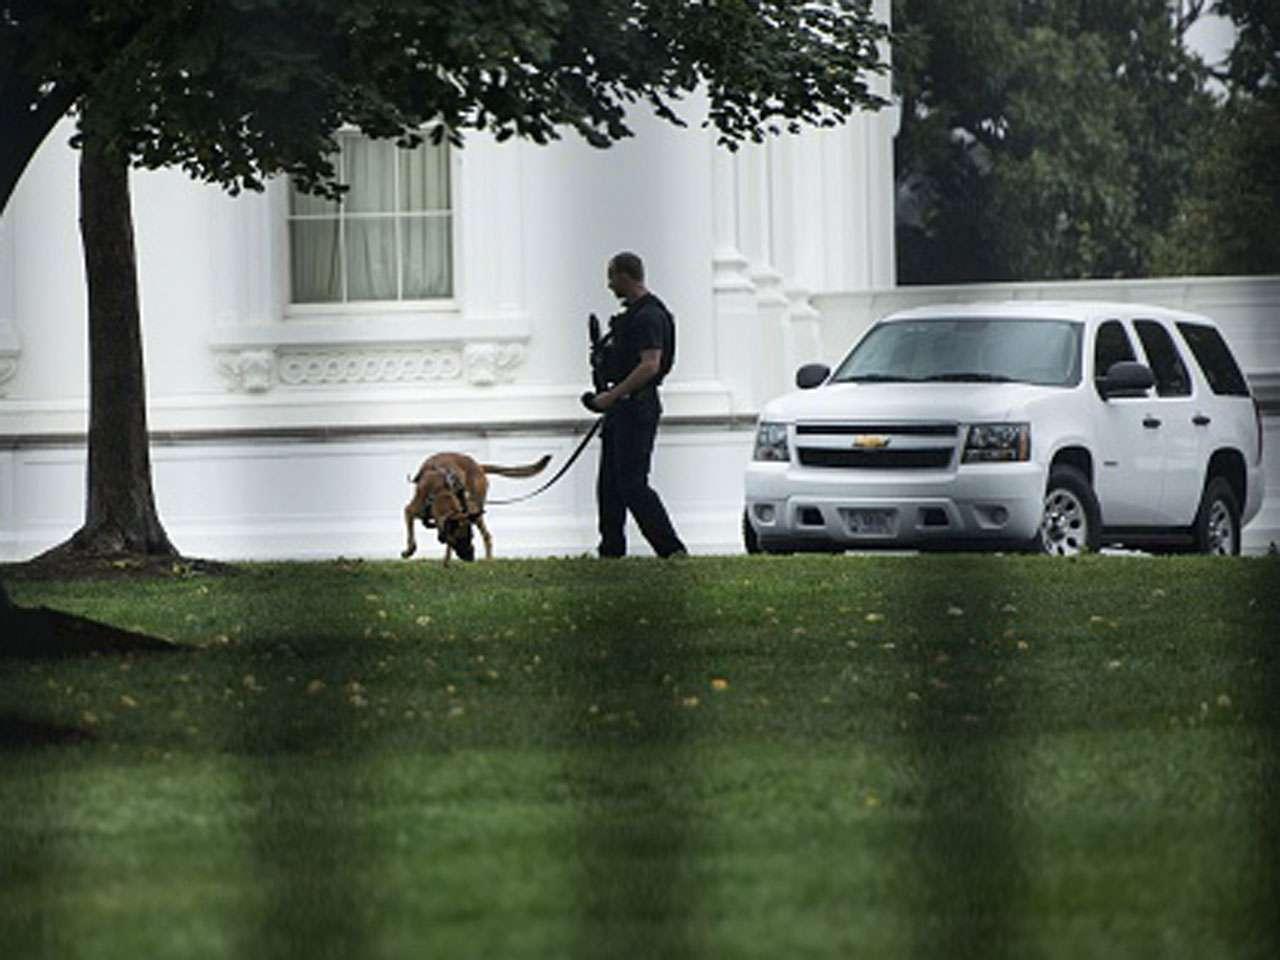 La Casa Blanca fue cerrada a la visitas tras el incidente Foto: BRENDAN SMIALOWSKI/Getty Images/AFP/Archivo